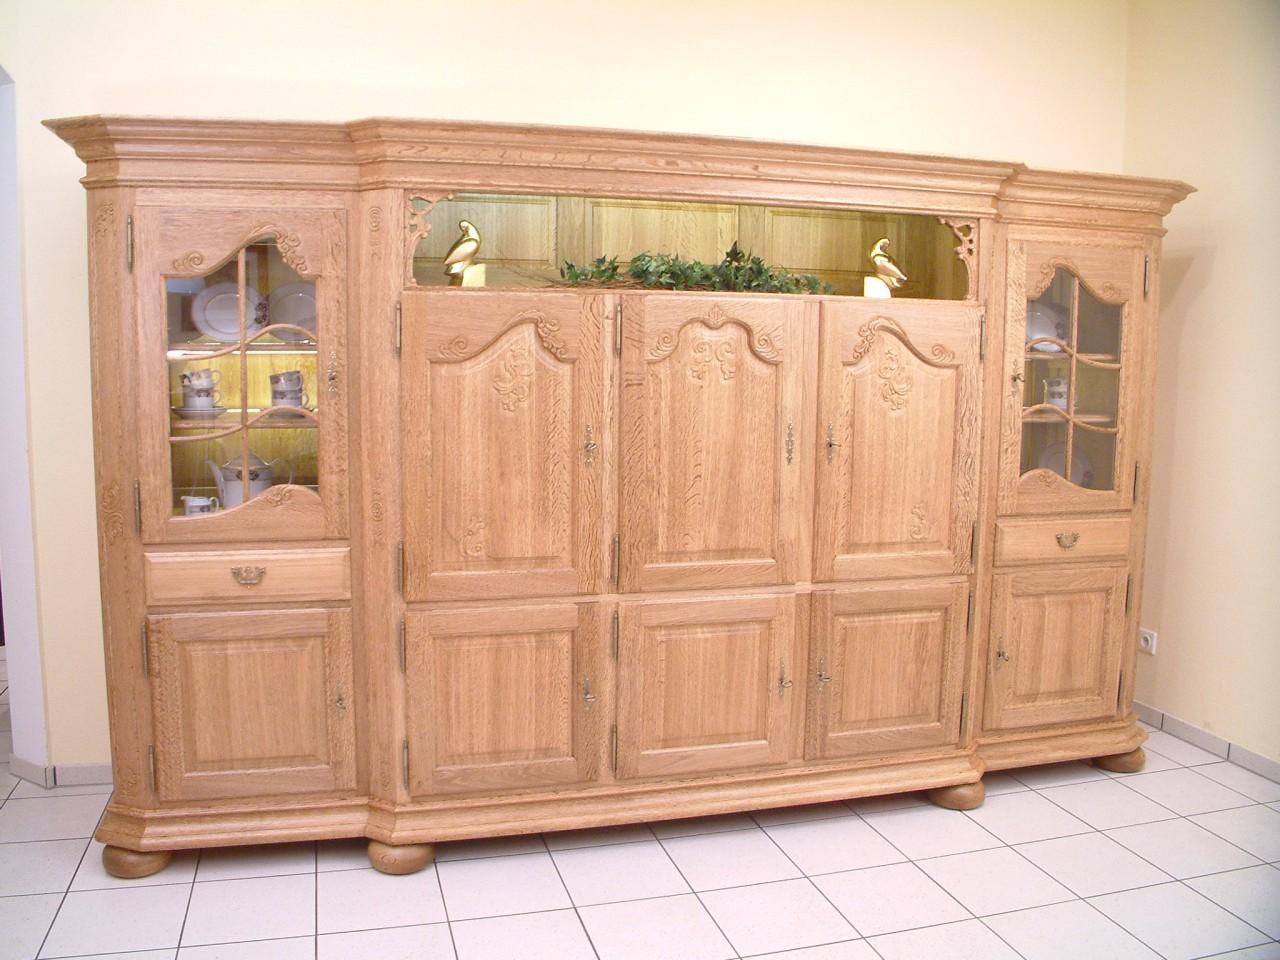 Schrank  Wohnzimmerschrank in Eiche massiv gelaugt rustikal oder Landhaus Modell Schrank